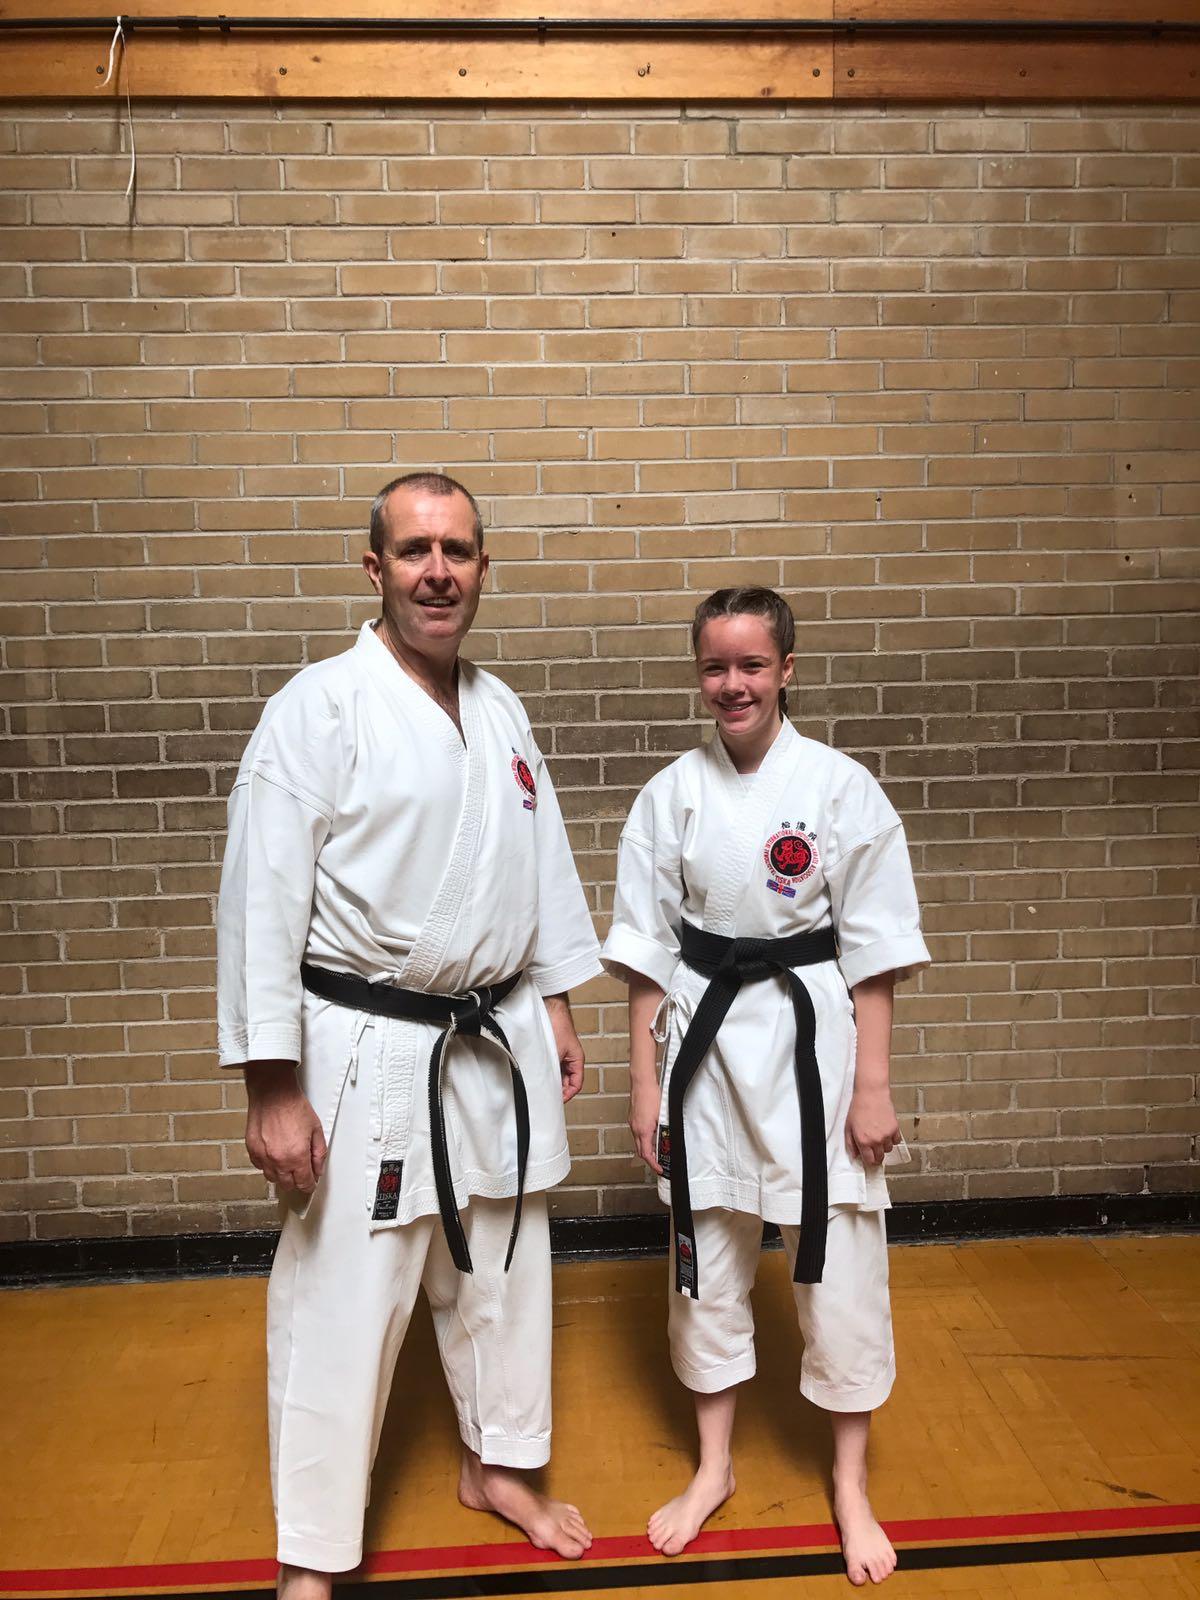 karate-staveley-karate-WA0003